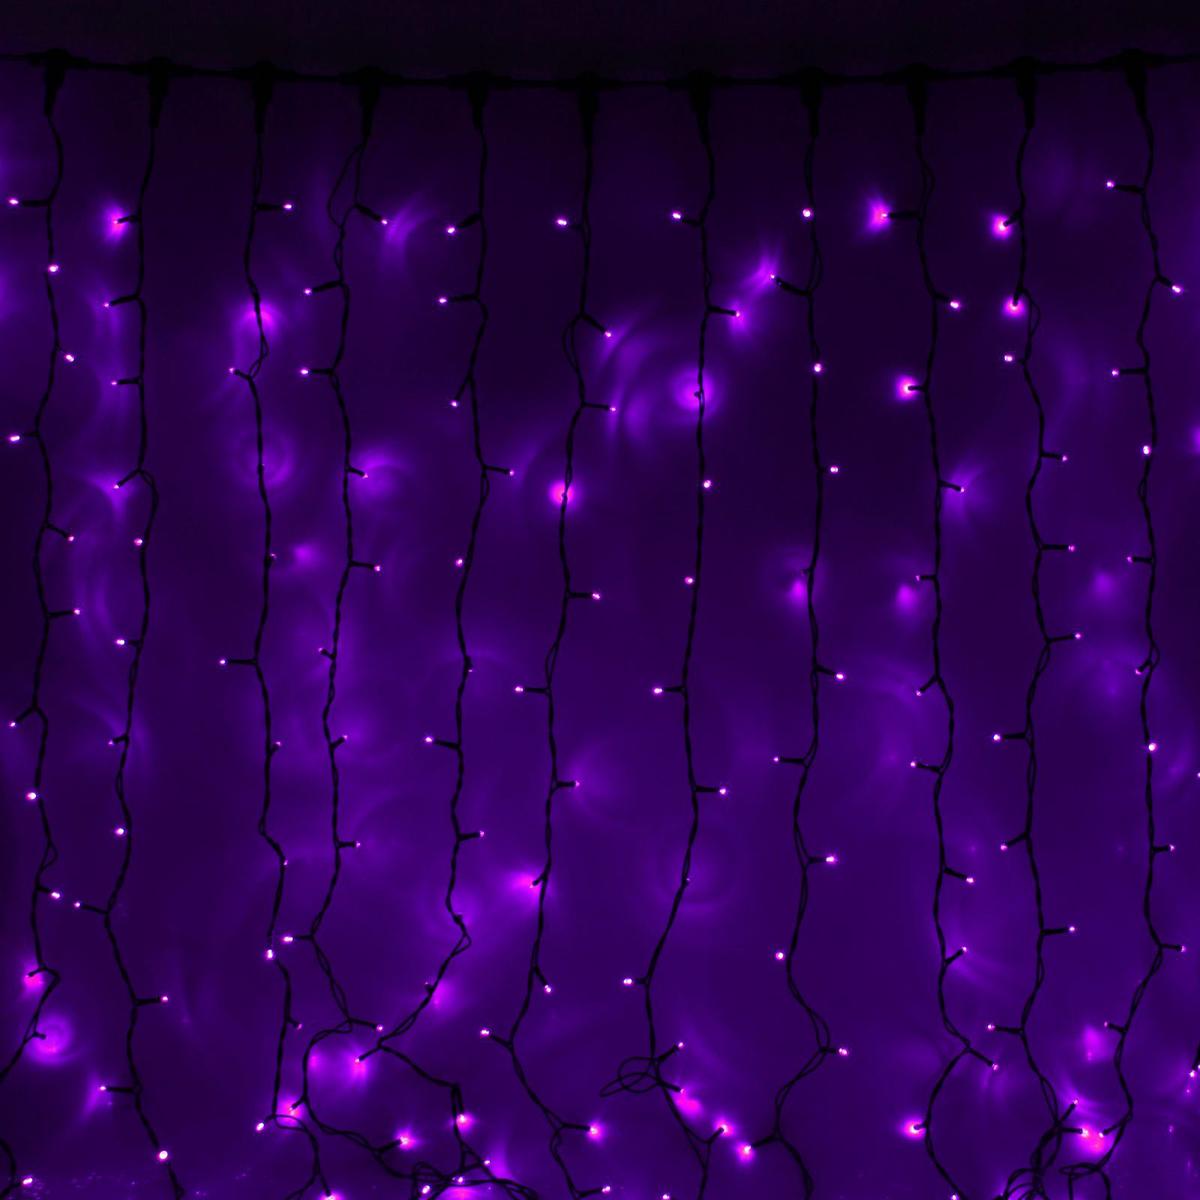 Гирлянда светодиодная Luazon Занавес, цвет: фиолетовый, уличная, 760 ламп, 220 V, 2 х 3 м. 10802481080248Светодиодные гирлянды и ленты — это отличный вариант для новогоднего оформления интерьера или фасада. С их помощью помещение любого размера можно превратить в праздничный зал, а внешние элементы зданий, украшенные ими, мгновенно станут напоминать очертания сказочного дворца. Такие украшения создают ауру предвкушения чуда. Деревья, фасады, витрины, окна и арки будто специально созданы, чтобы вы украсили их светящимися нитями.